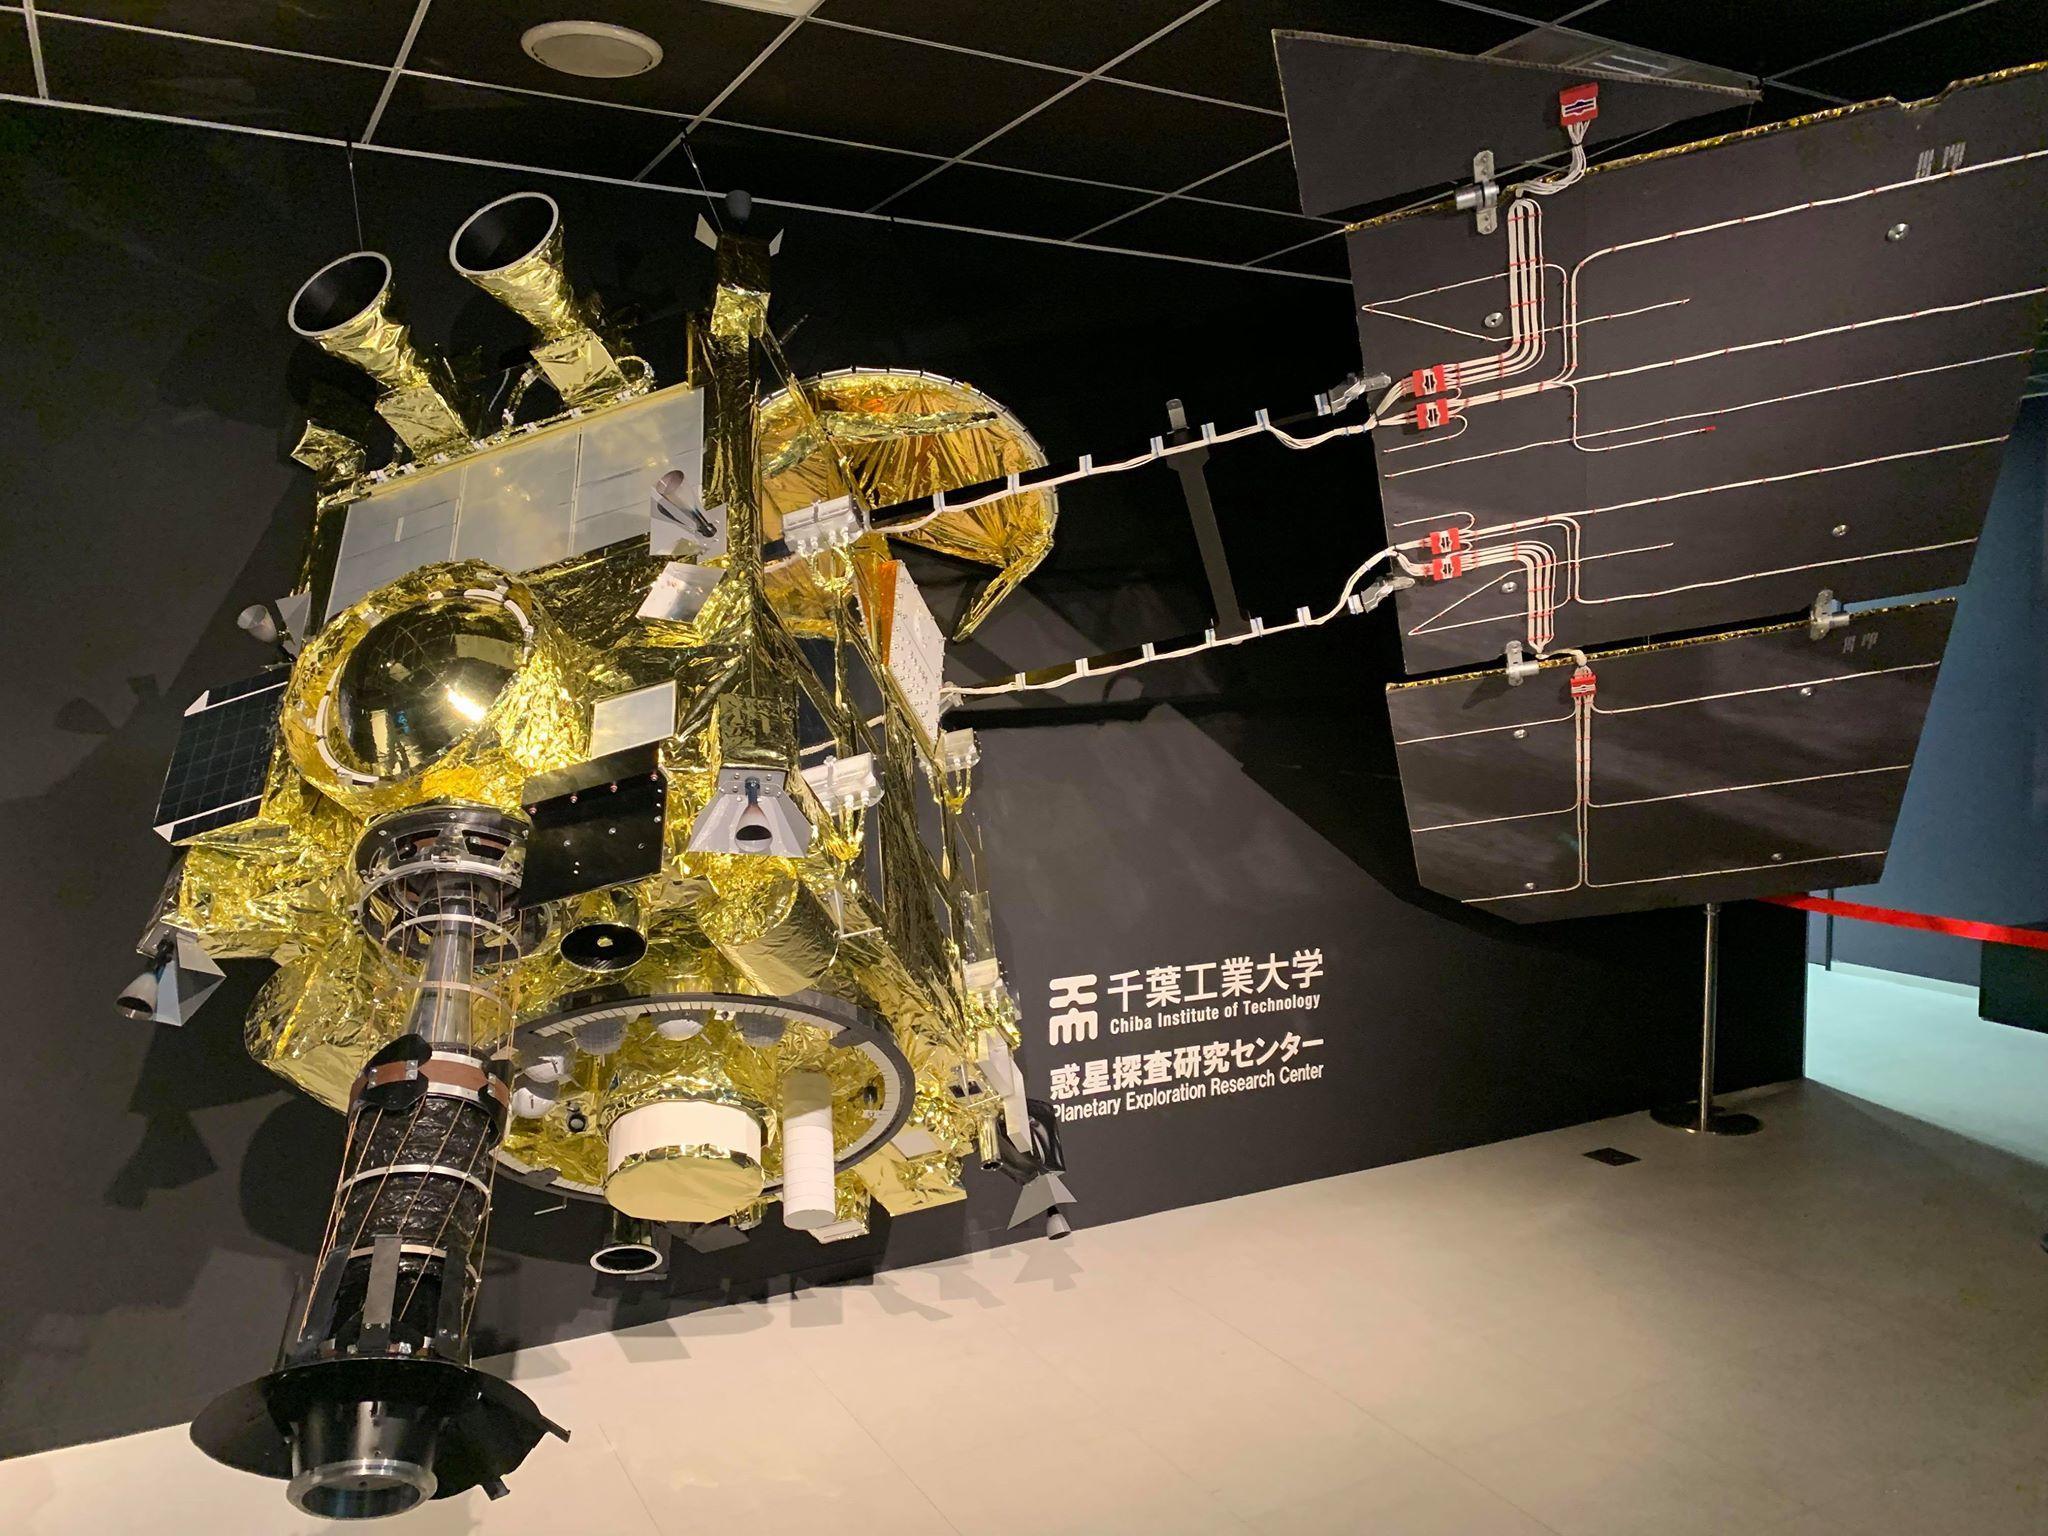 千葉工業大学 東京スカイツリータウン(R)キャンパスにて「はやぶさ2」実物大模型の展示を開始